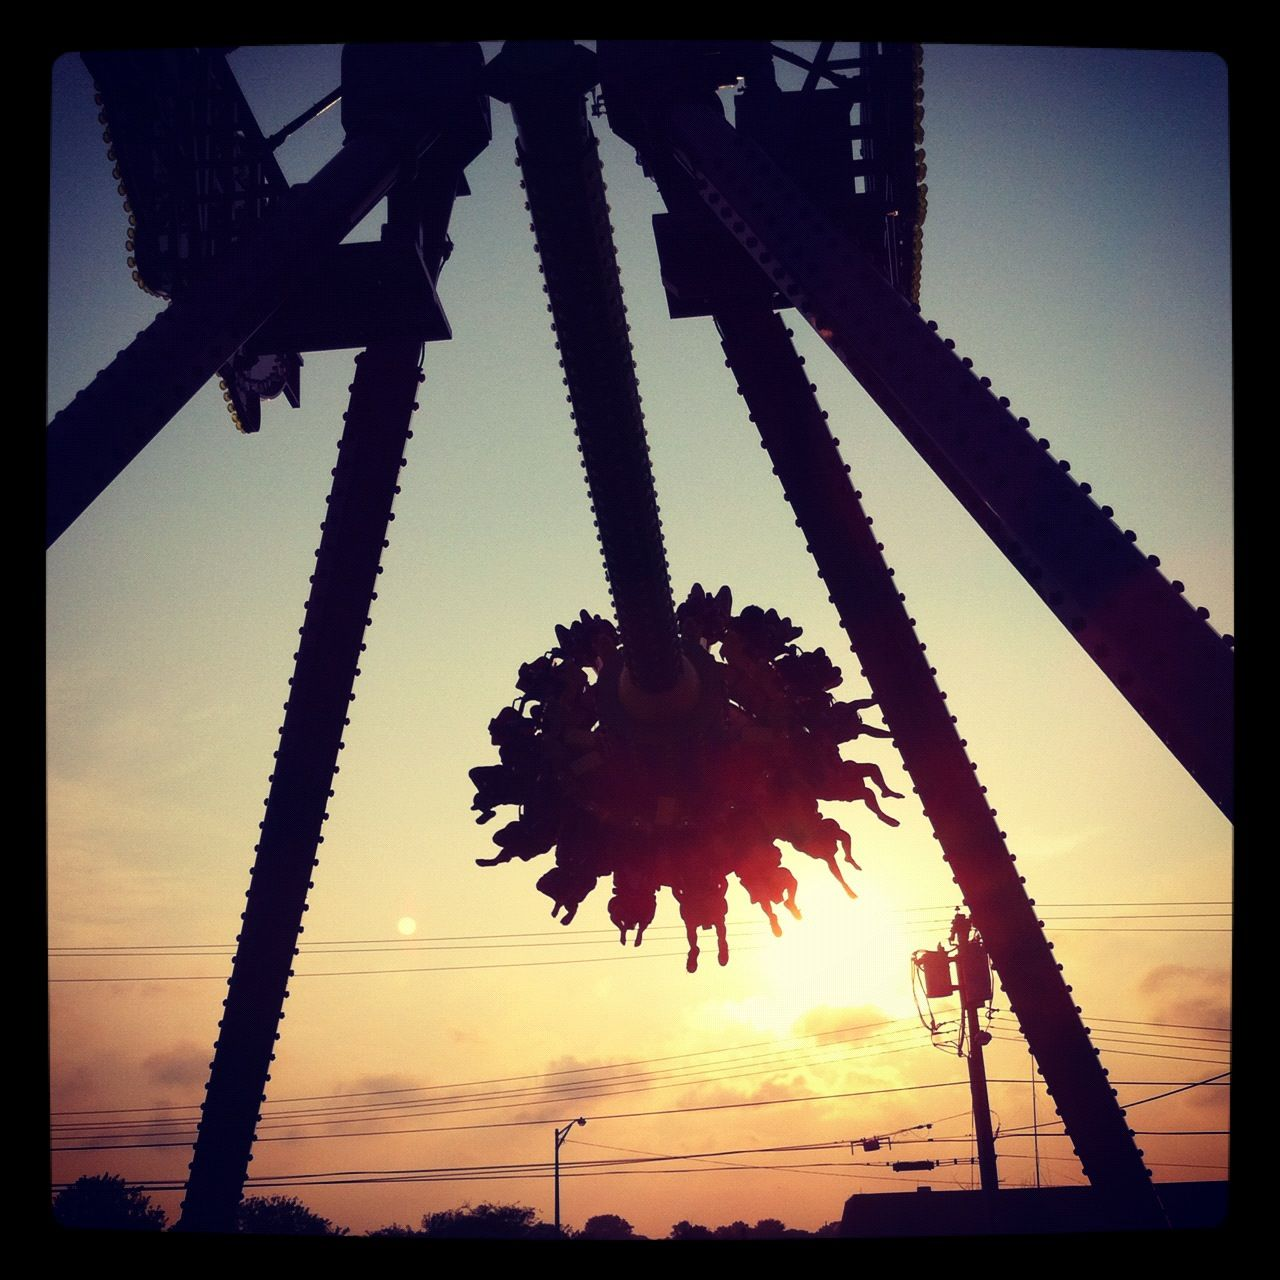 Nj sunset photography pinterest sunset and photography nj sunset nvjuhfo Choice Image